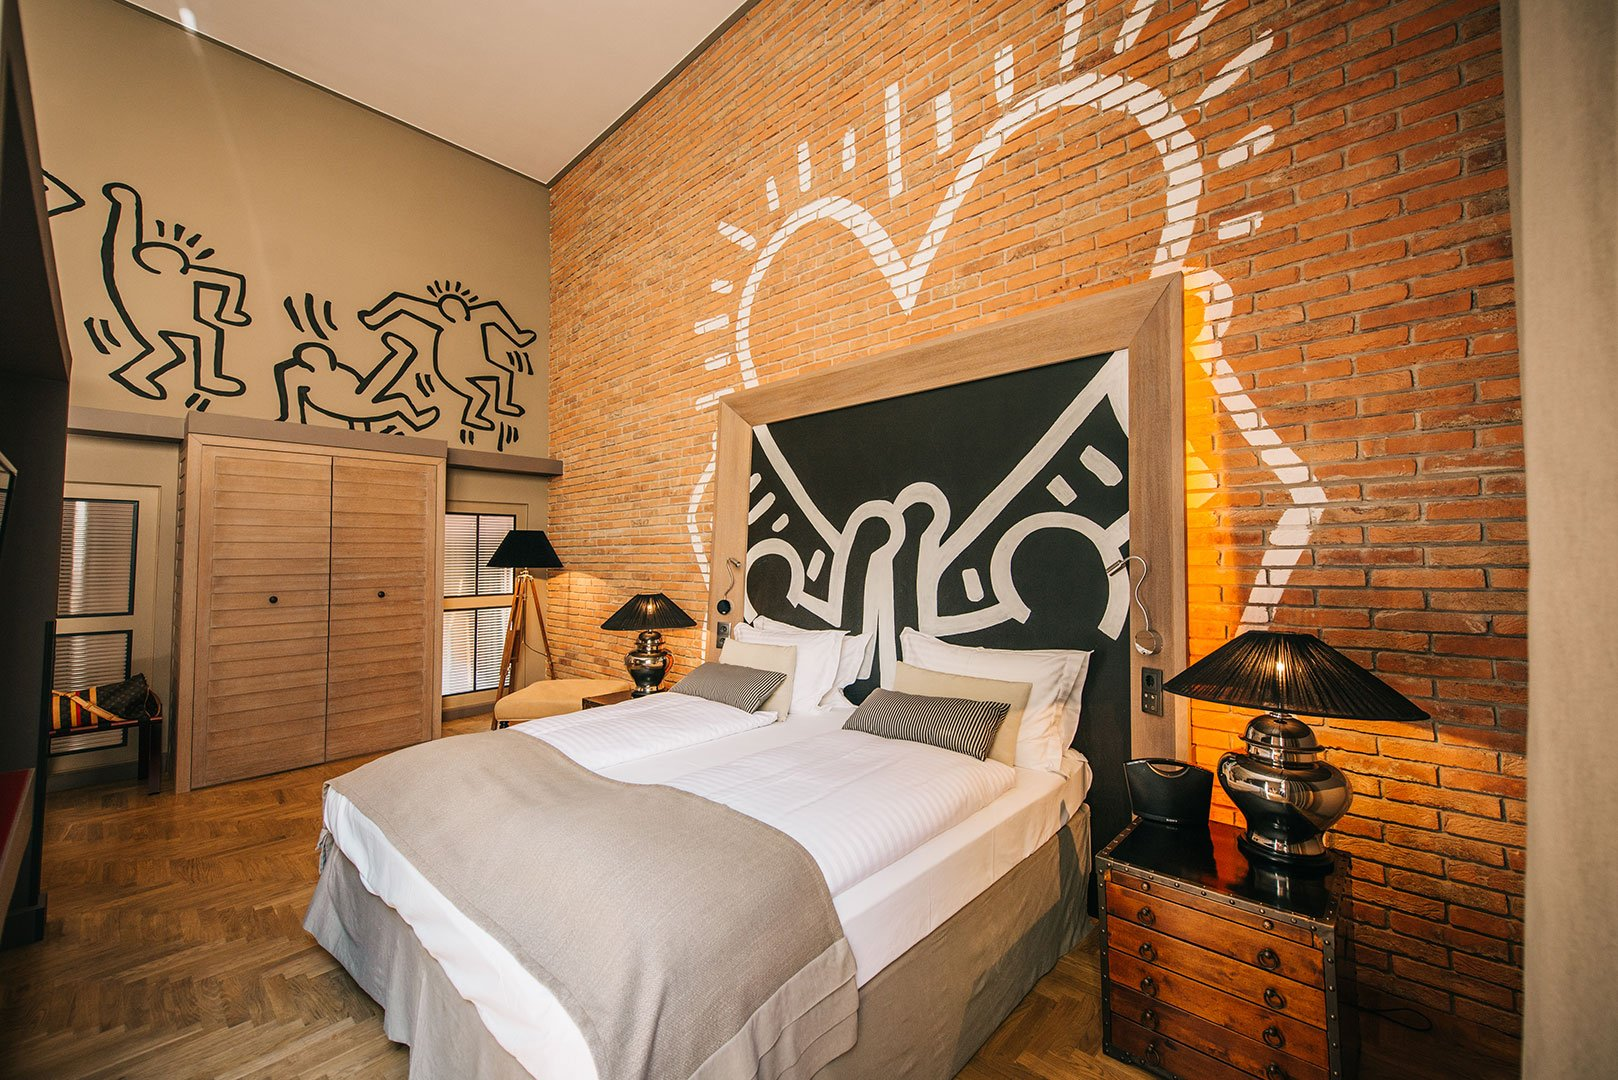 cuarto de hotel decorado con pinturas de Keith HAring